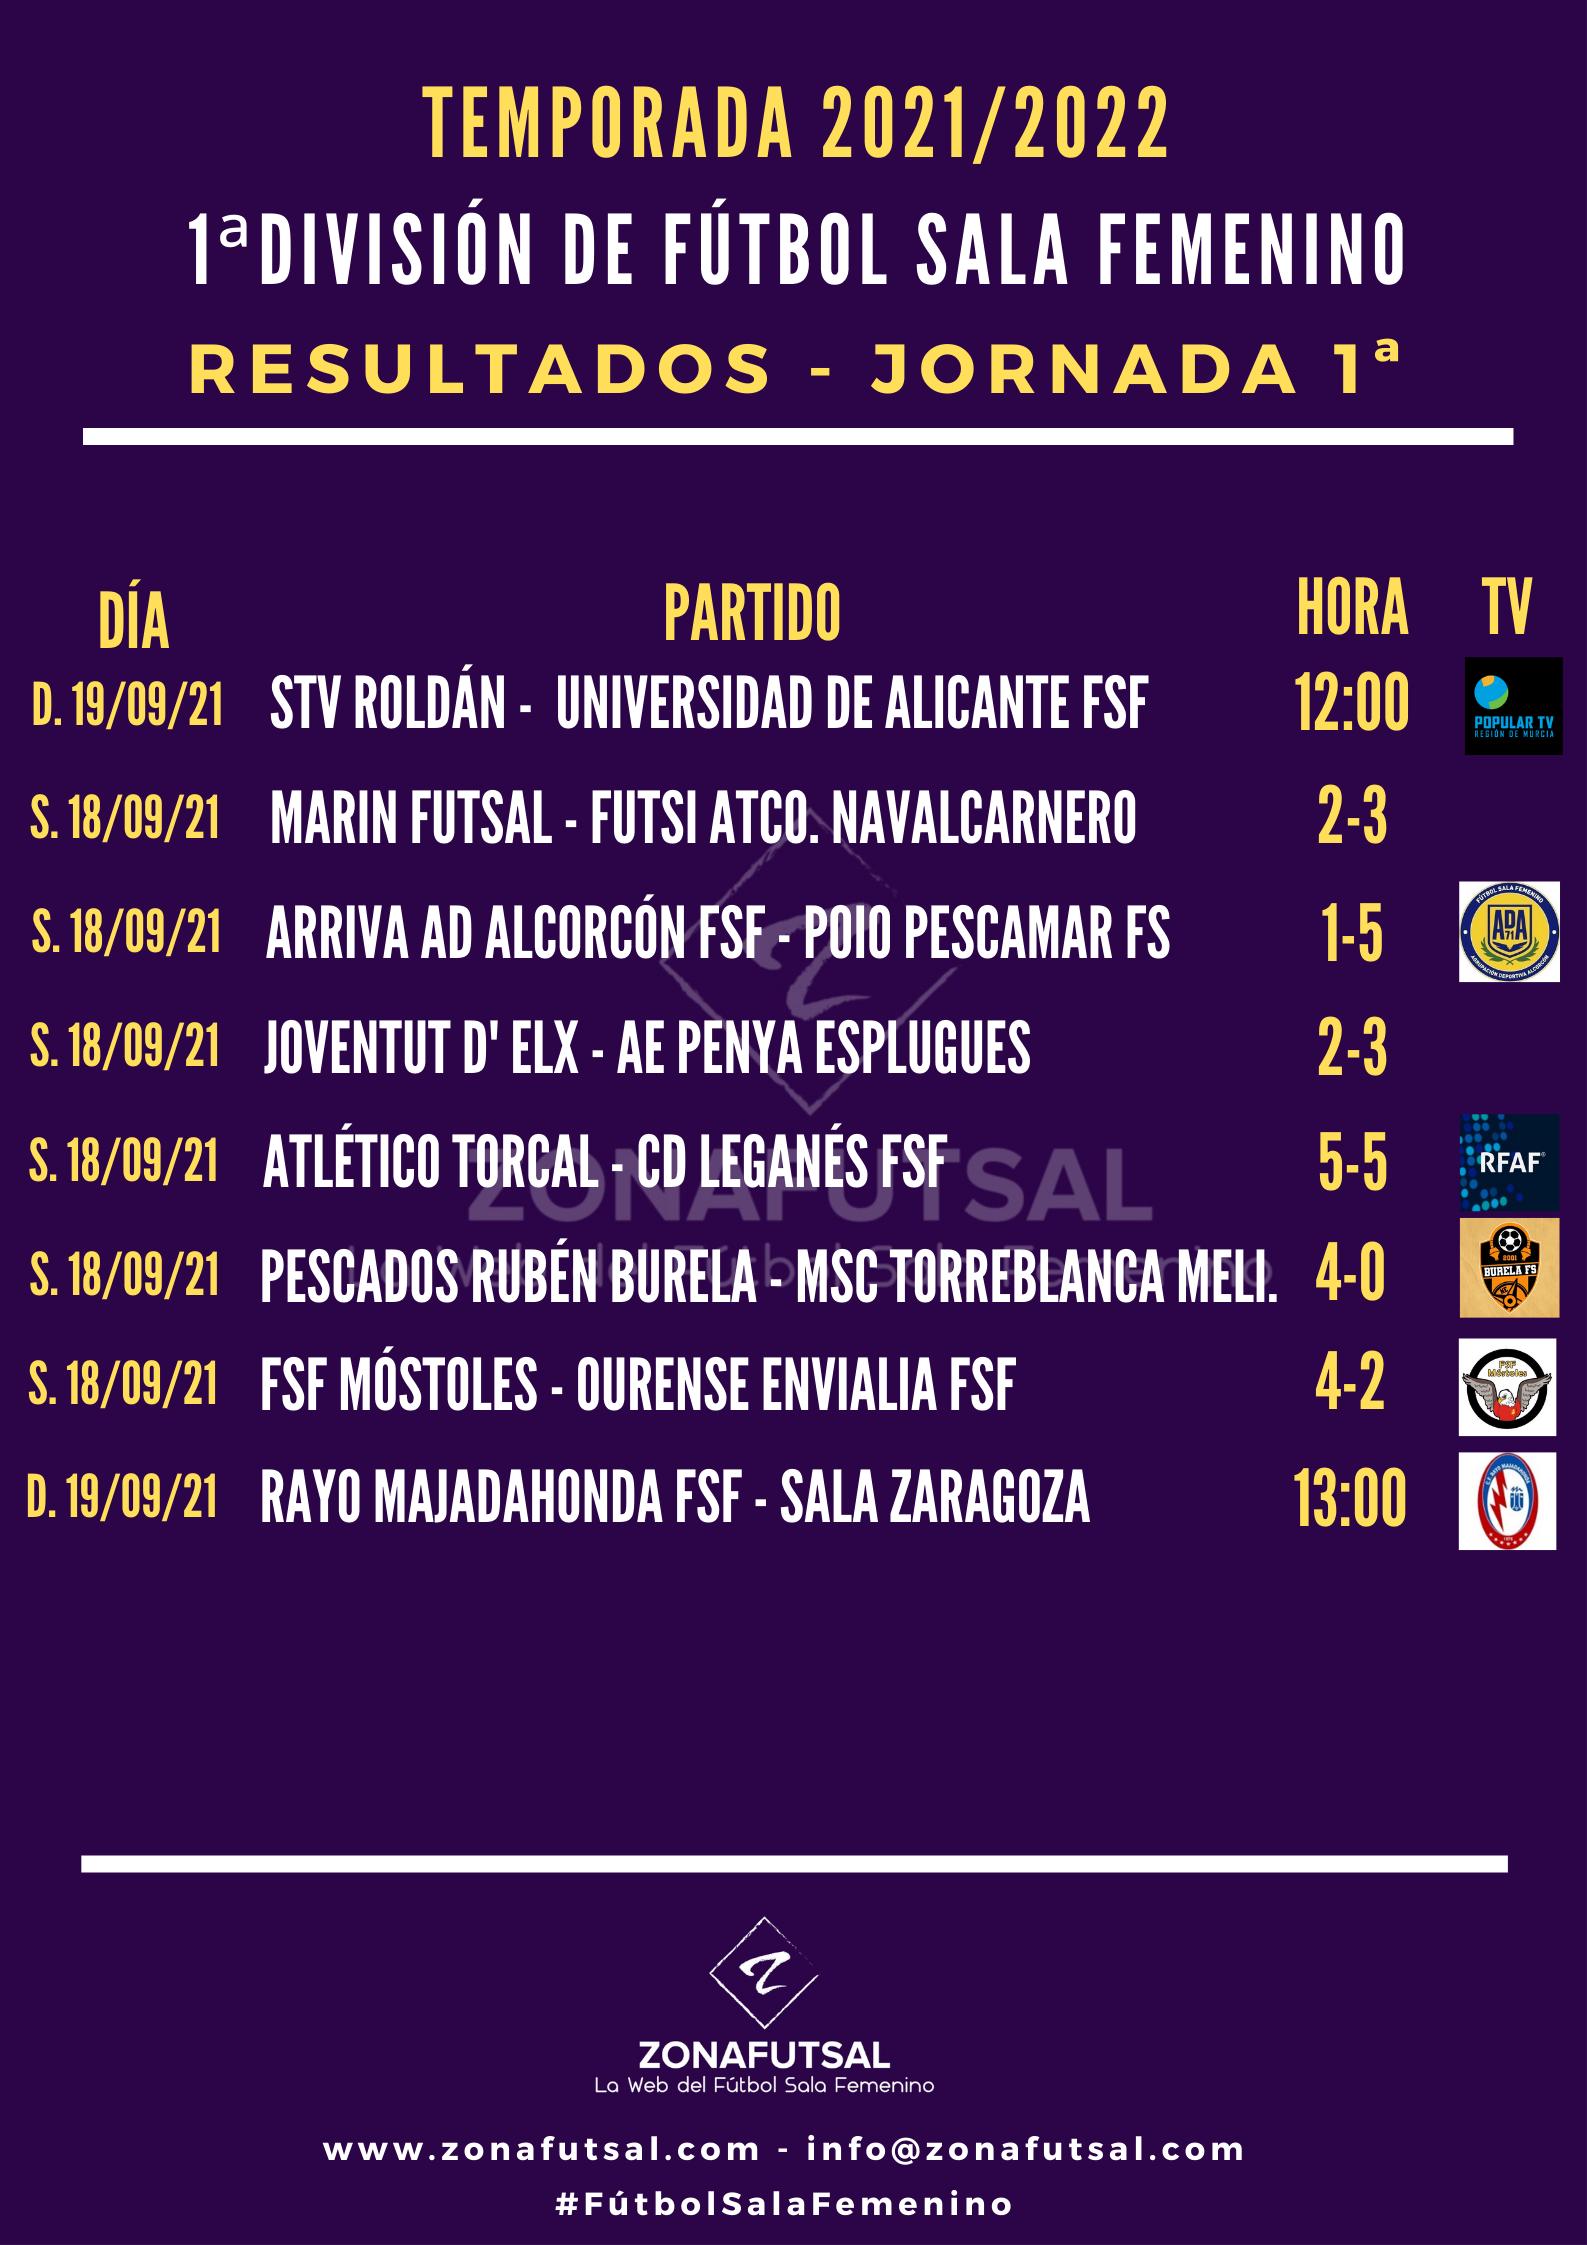 Resultados de la 1ª Jornada de la 1ª División de Fútbol Sala Femenino. Temporada 2021/2022